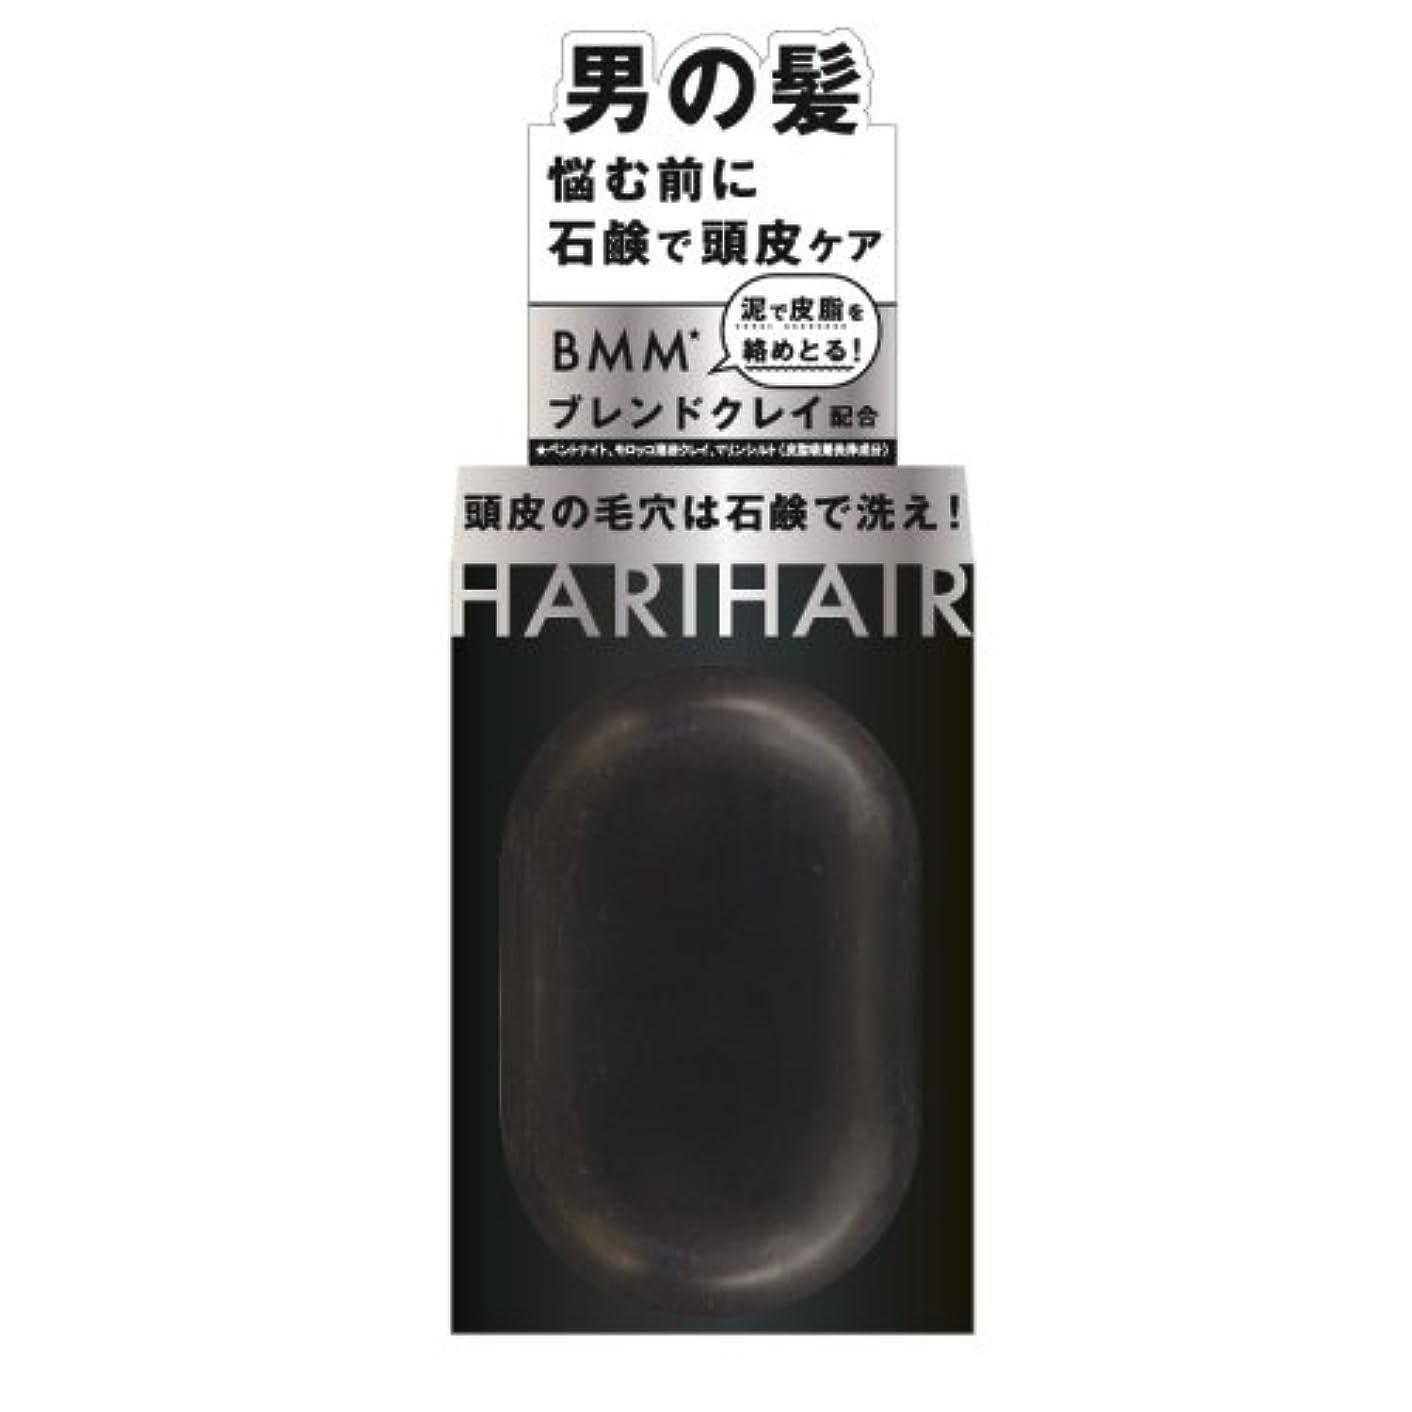 ペリカン石鹸 ハリヘア 固形シャンプー 100g